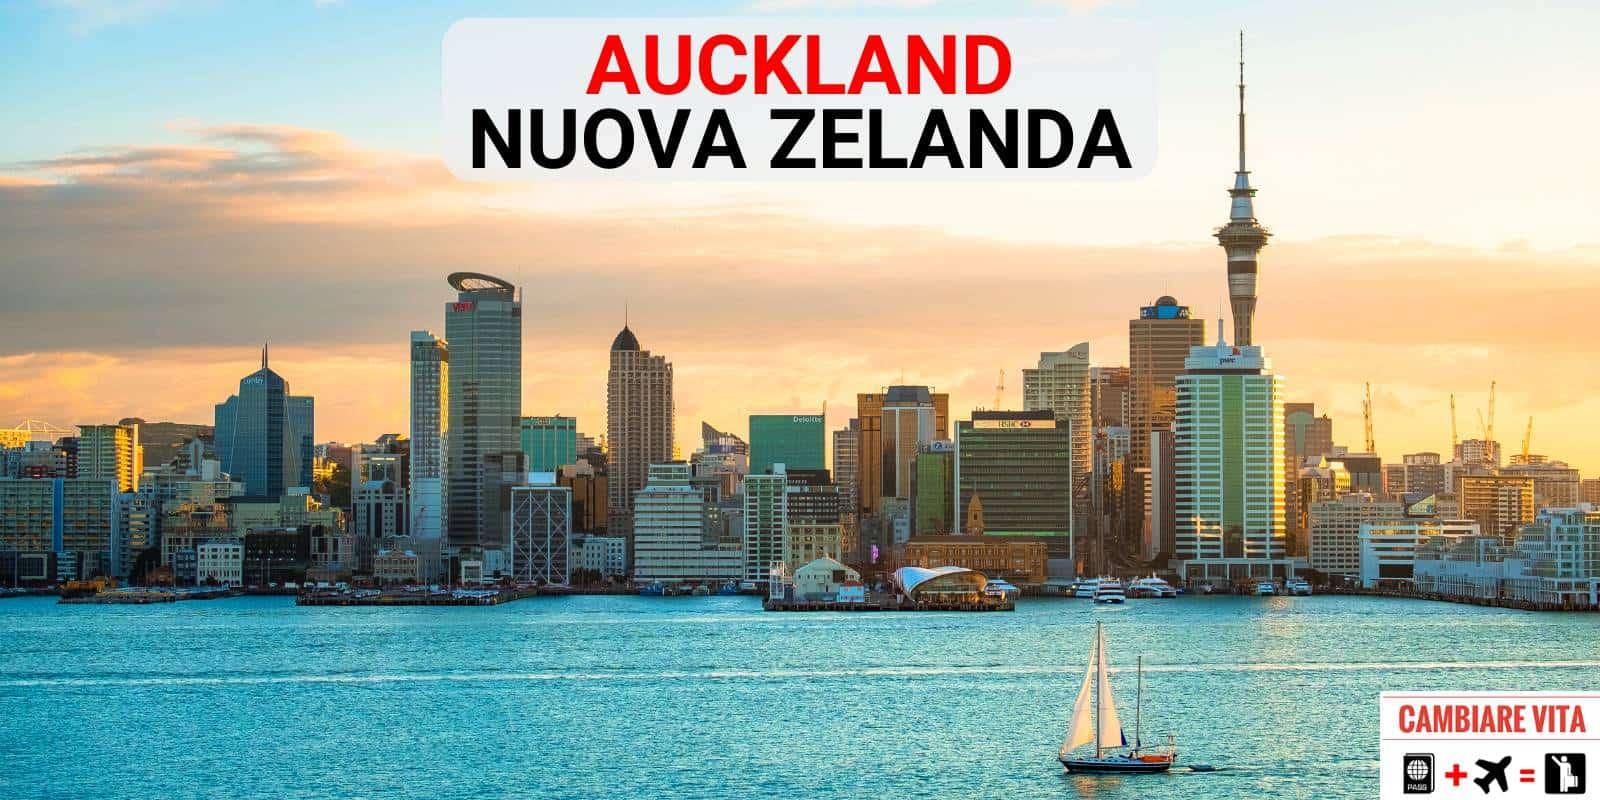 Lavorare Vivere Auckland Nuova Zelanda